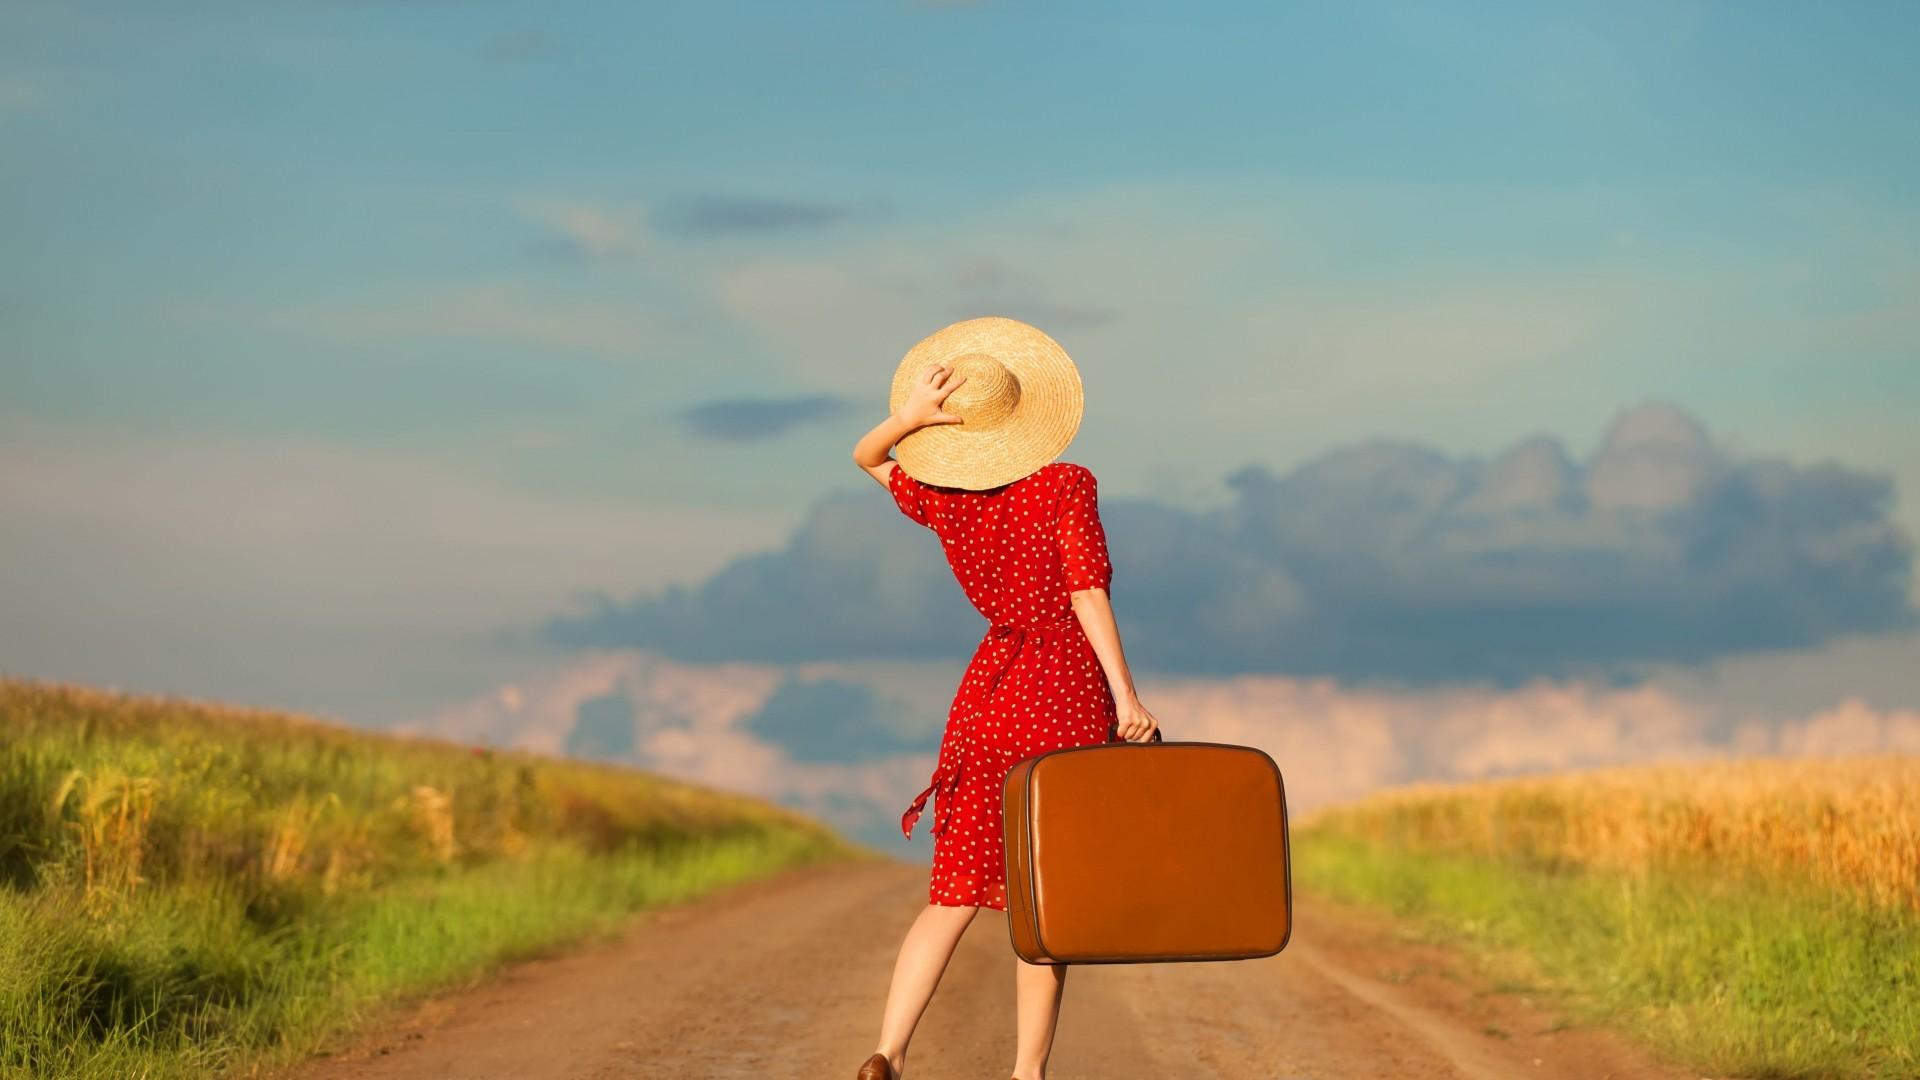 دختری با لباس قرمز و کلاه زرد و چمدان به دست